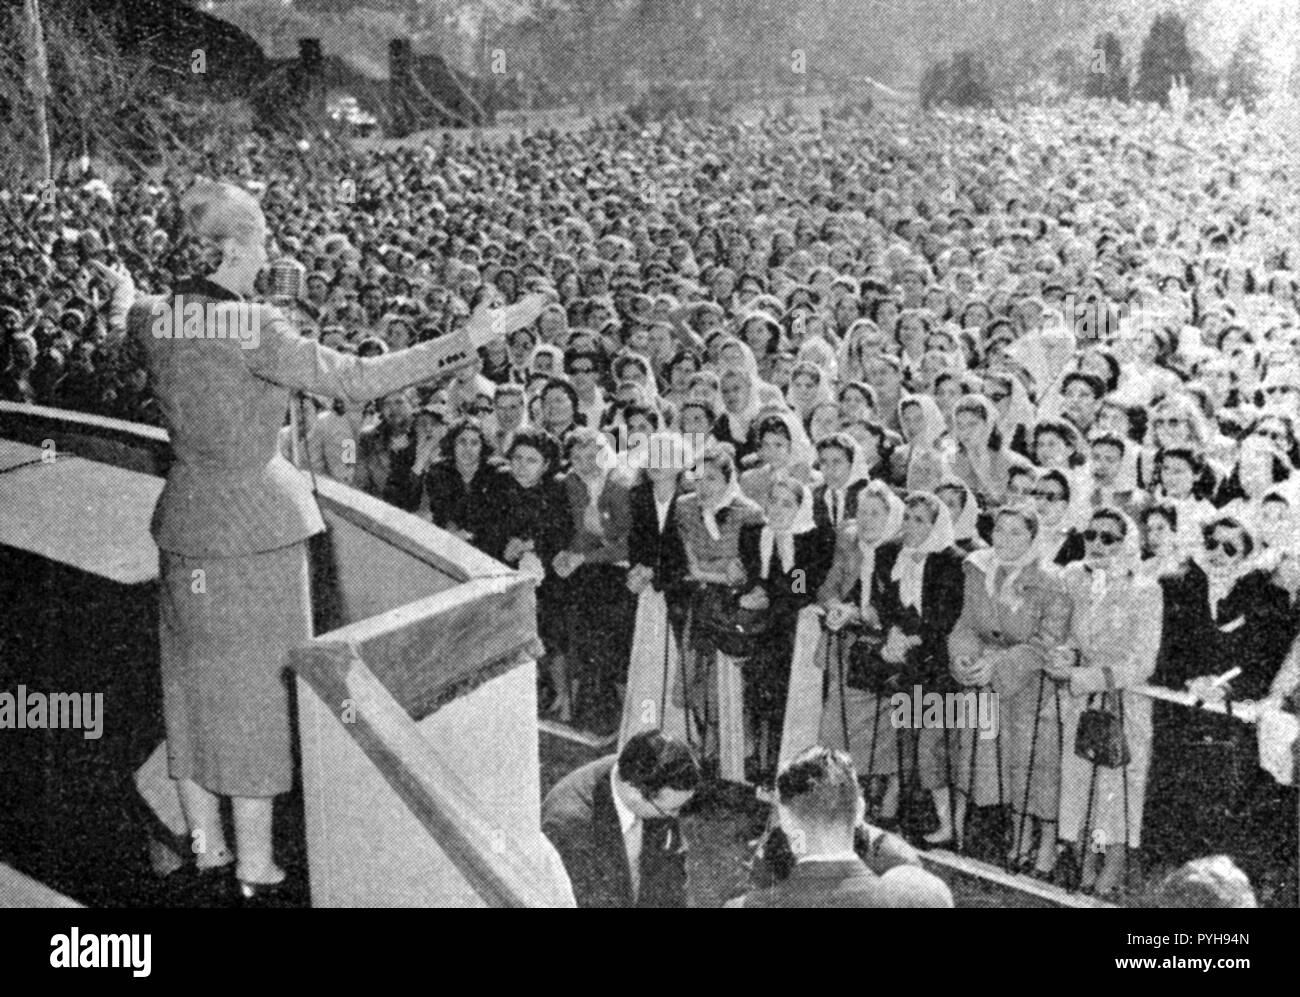 EVA PERON (1919-1952), moglie del presidente argentino Juan Perron, circa 1948 a al rally per womens' i diritti di voto di un bout 1950 Immagini Stock